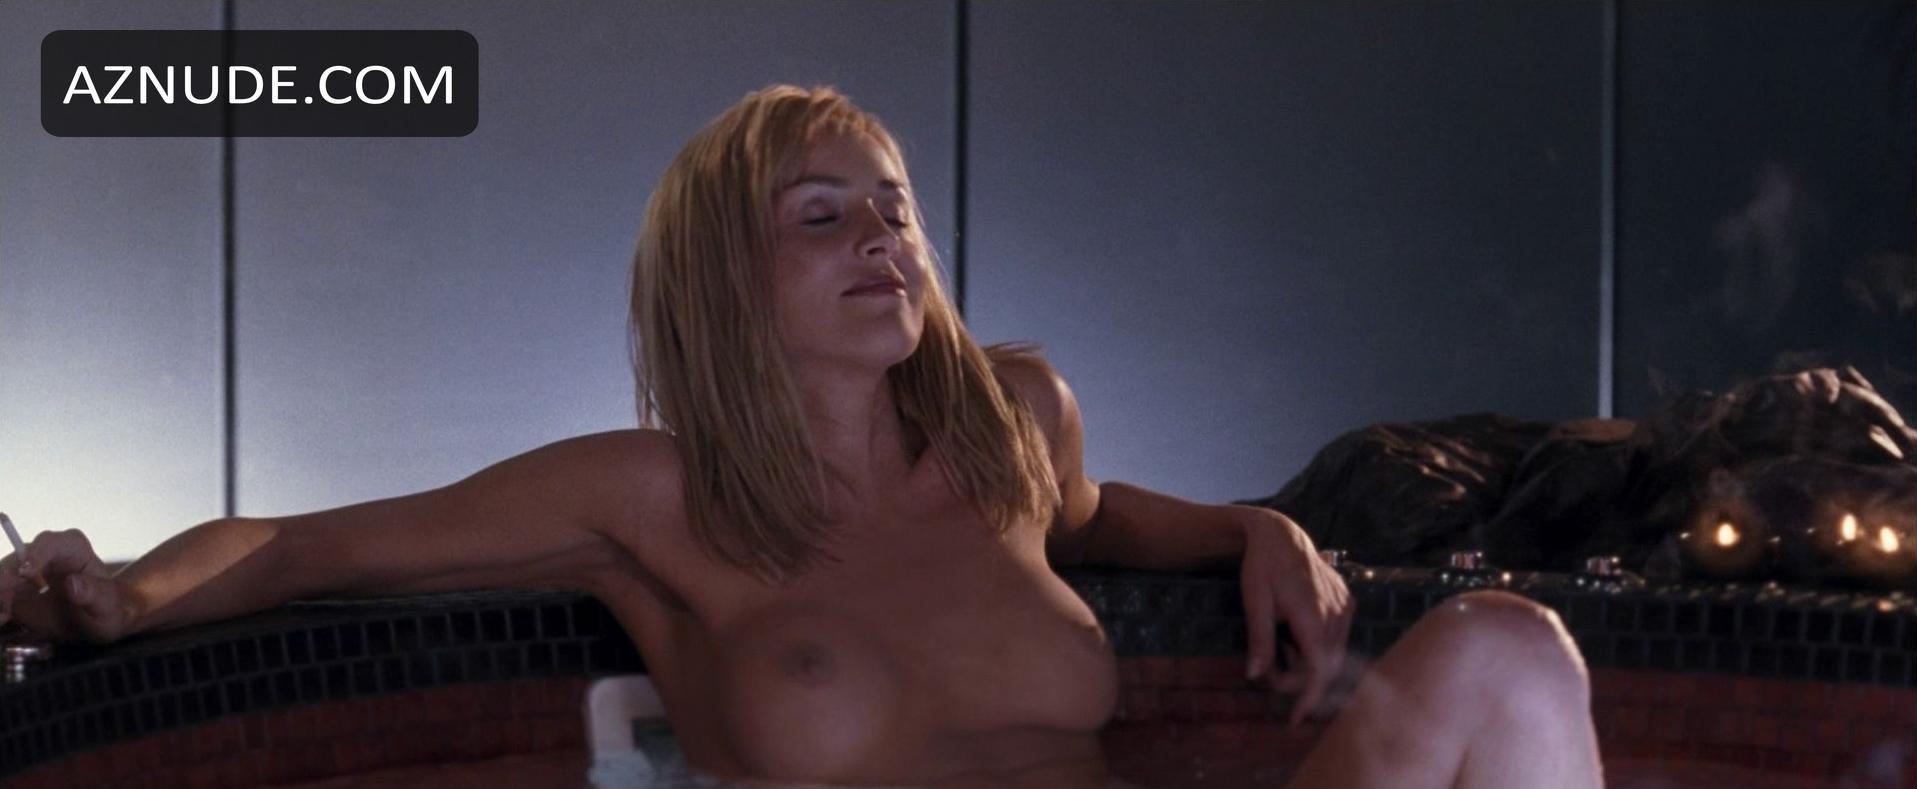 Basic instinct sex scenes your